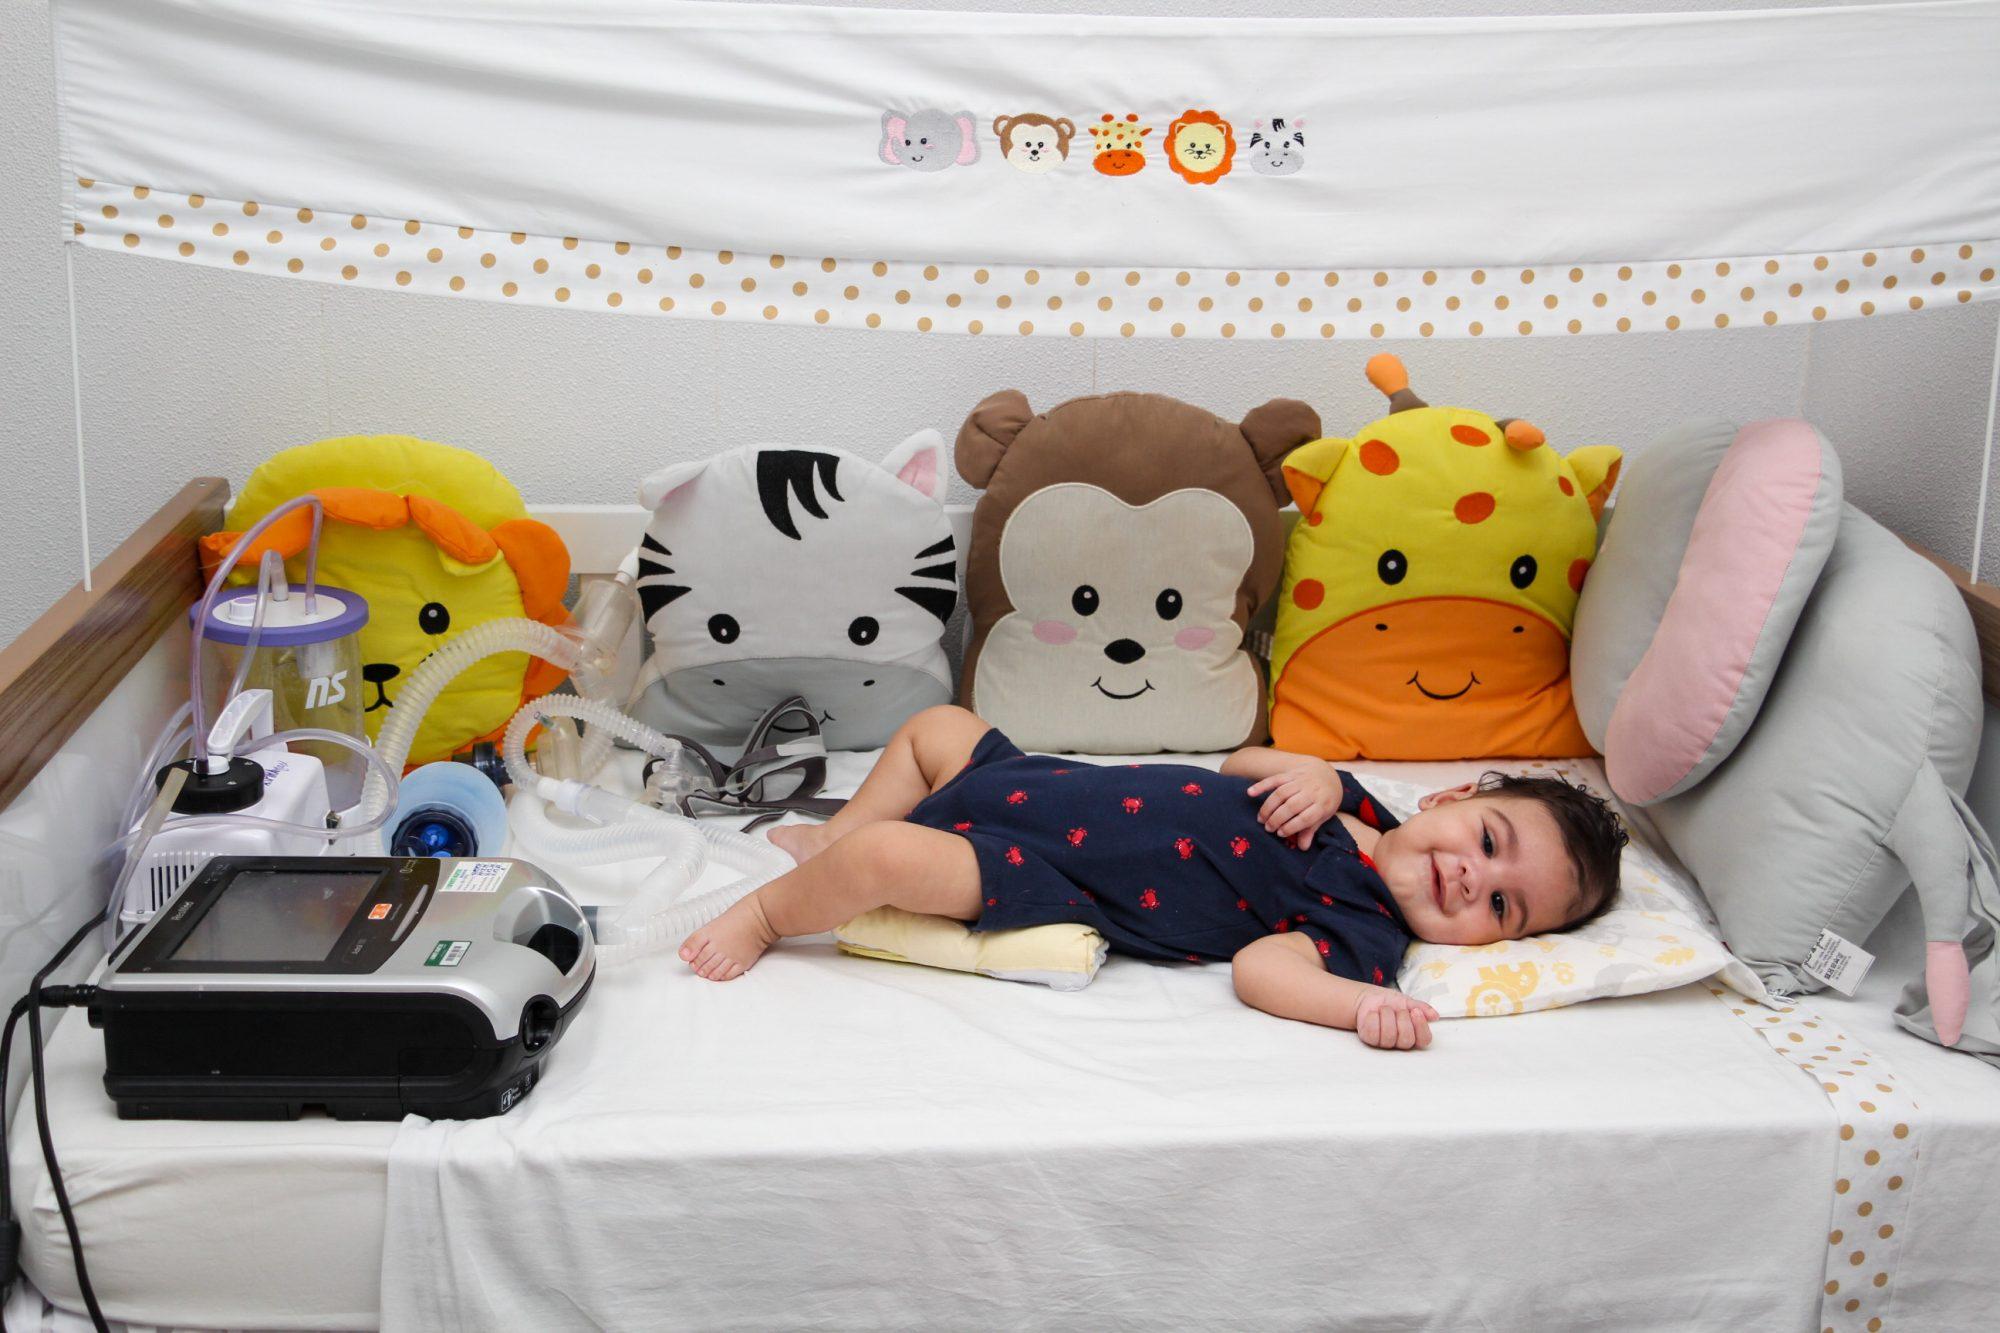 Família de bebê busca arrecadar R$12 milhões para tratar doença rara